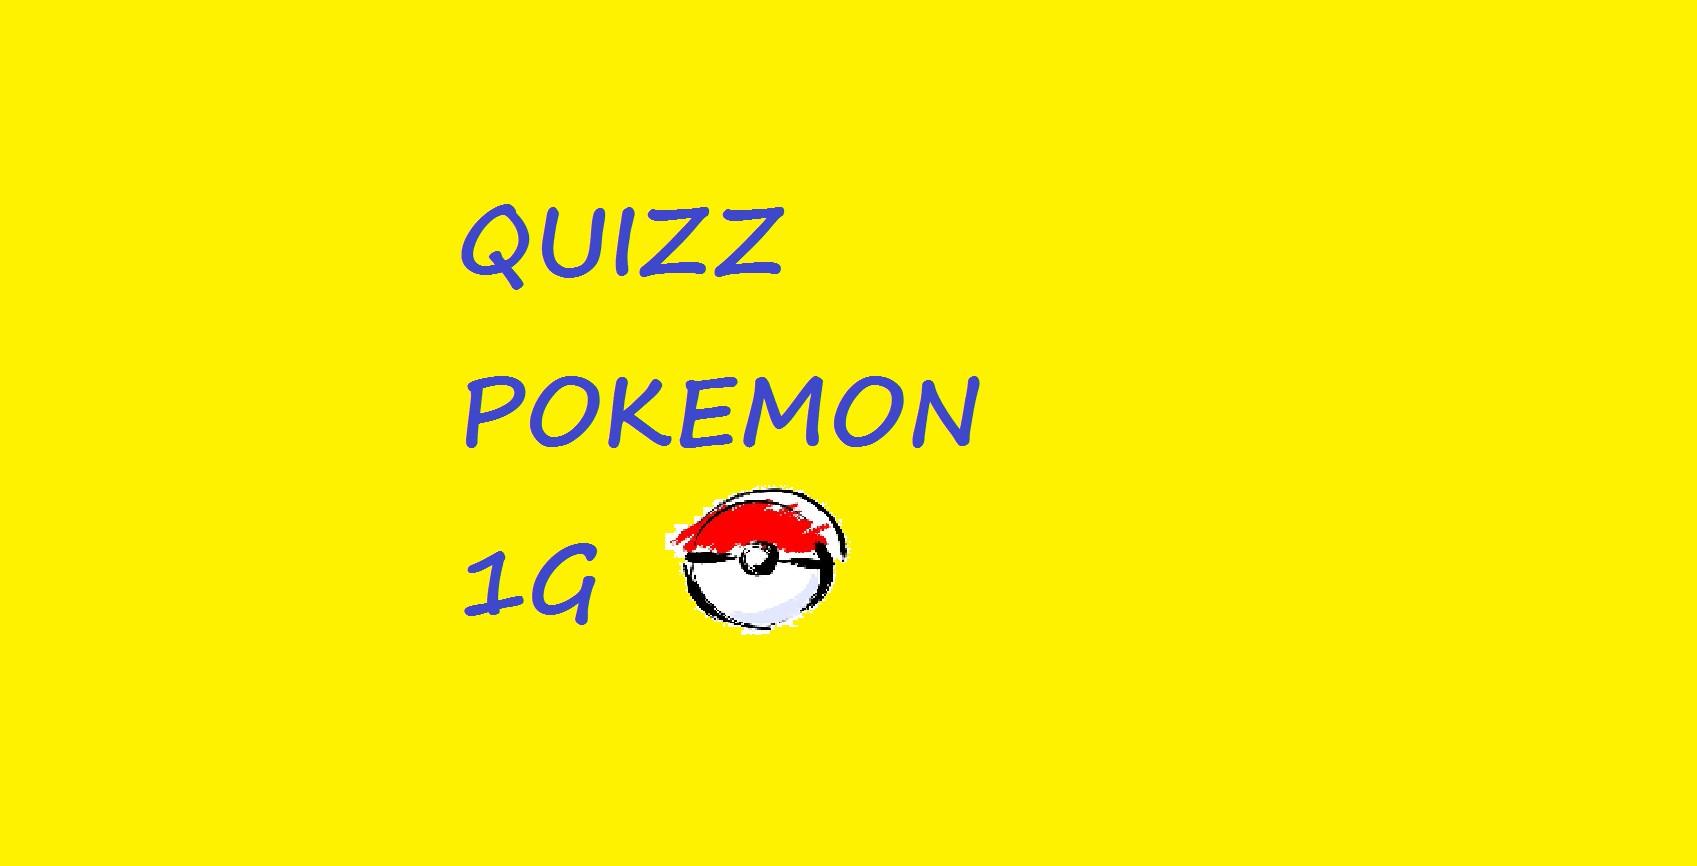 Quizz Pokémon 1G